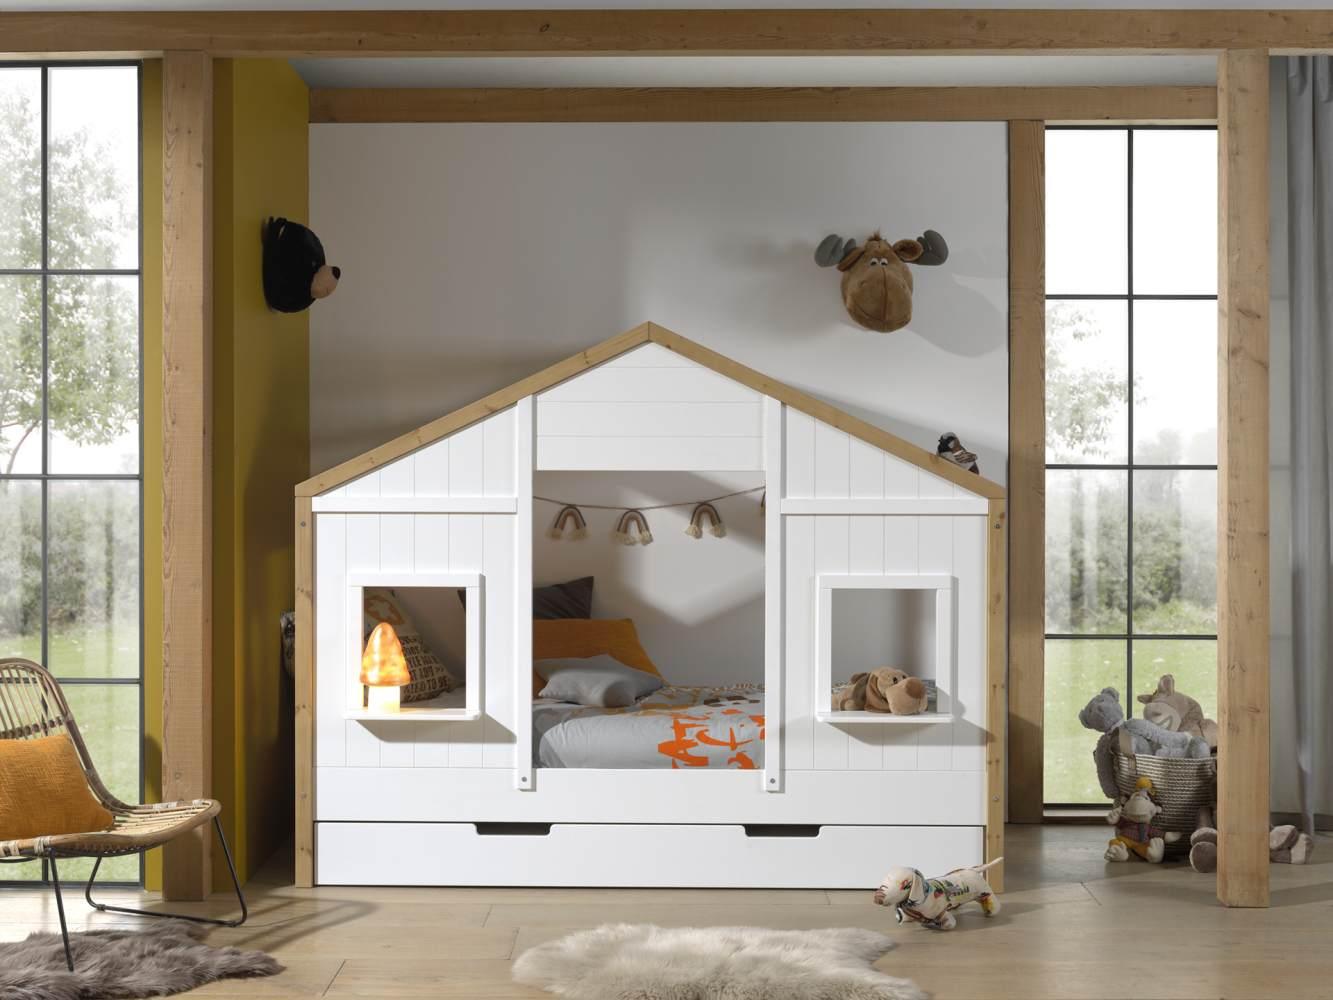 Vipack 'BABS' Landhausbett 90 x 200 cm, Oak/Weiß, inkl. Lattenrost und Bettschublade, teilmassiv Kiefer Bild 1